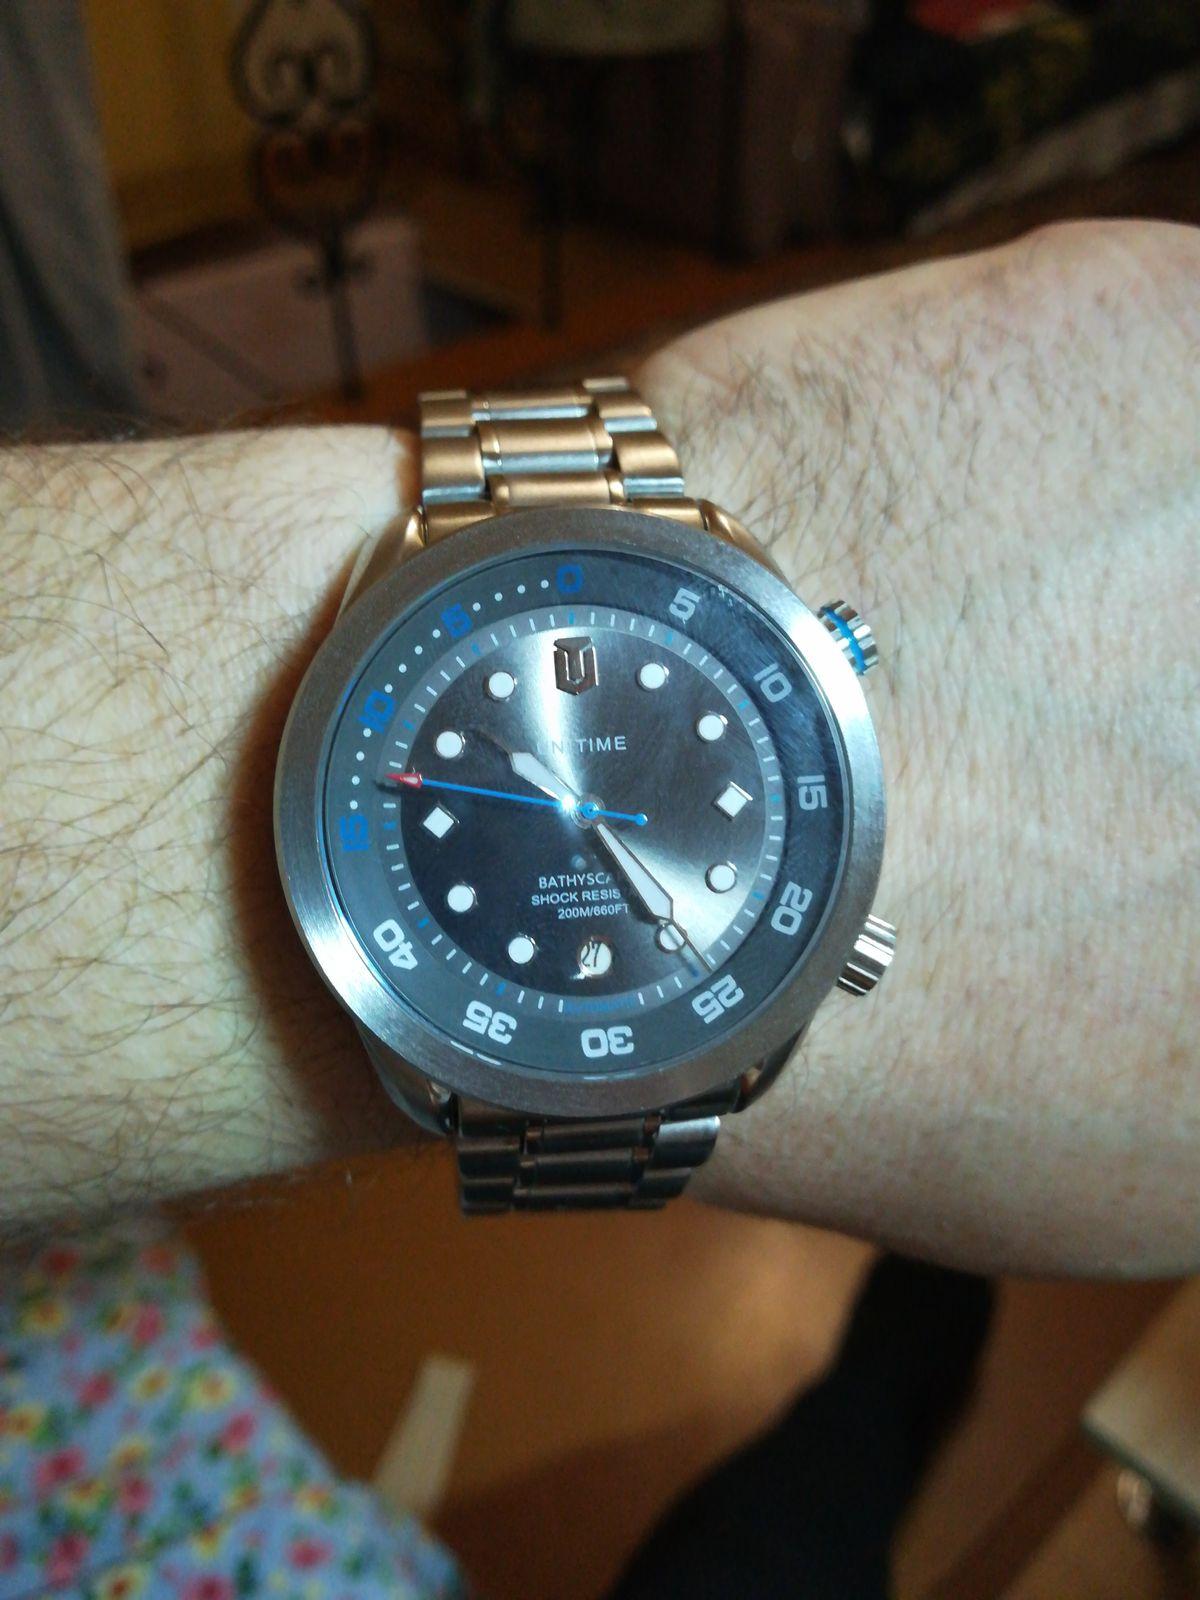 Часы красивые стильные,одно плохо непонятно кто производитель и характеристики